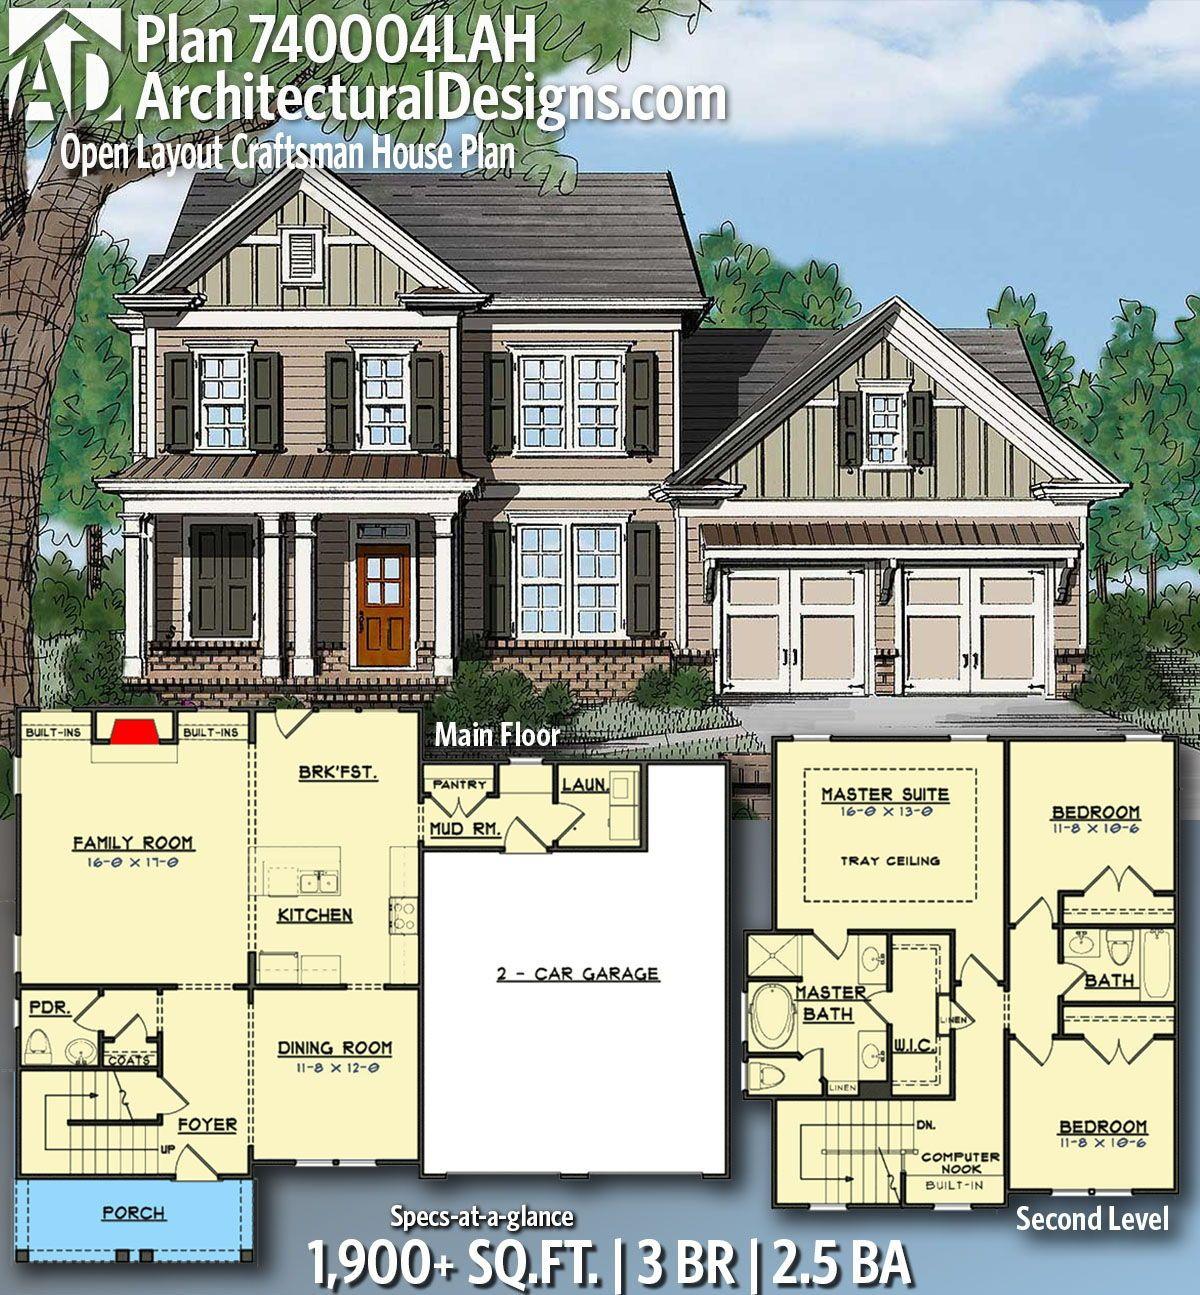 Plan 740004lah Open Layout Craftsman House Plan In 2020 Craftsman House Plans Craftsman House Craftsman House Plan